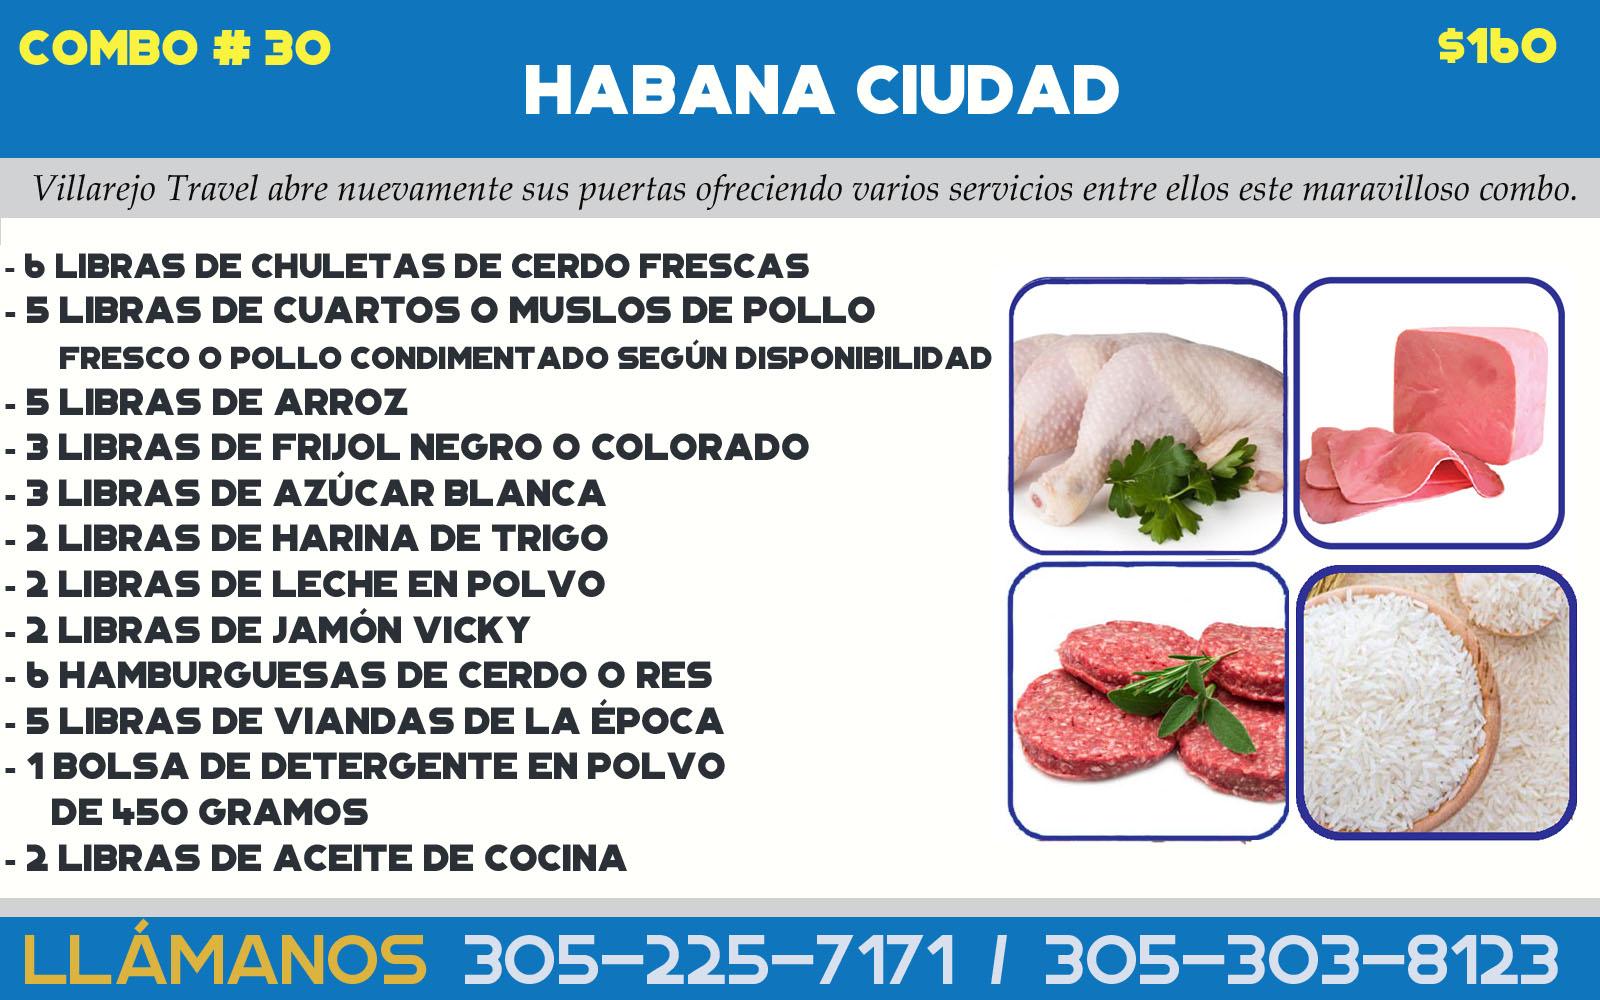 COMBO # 30 HABANA CIUDAD